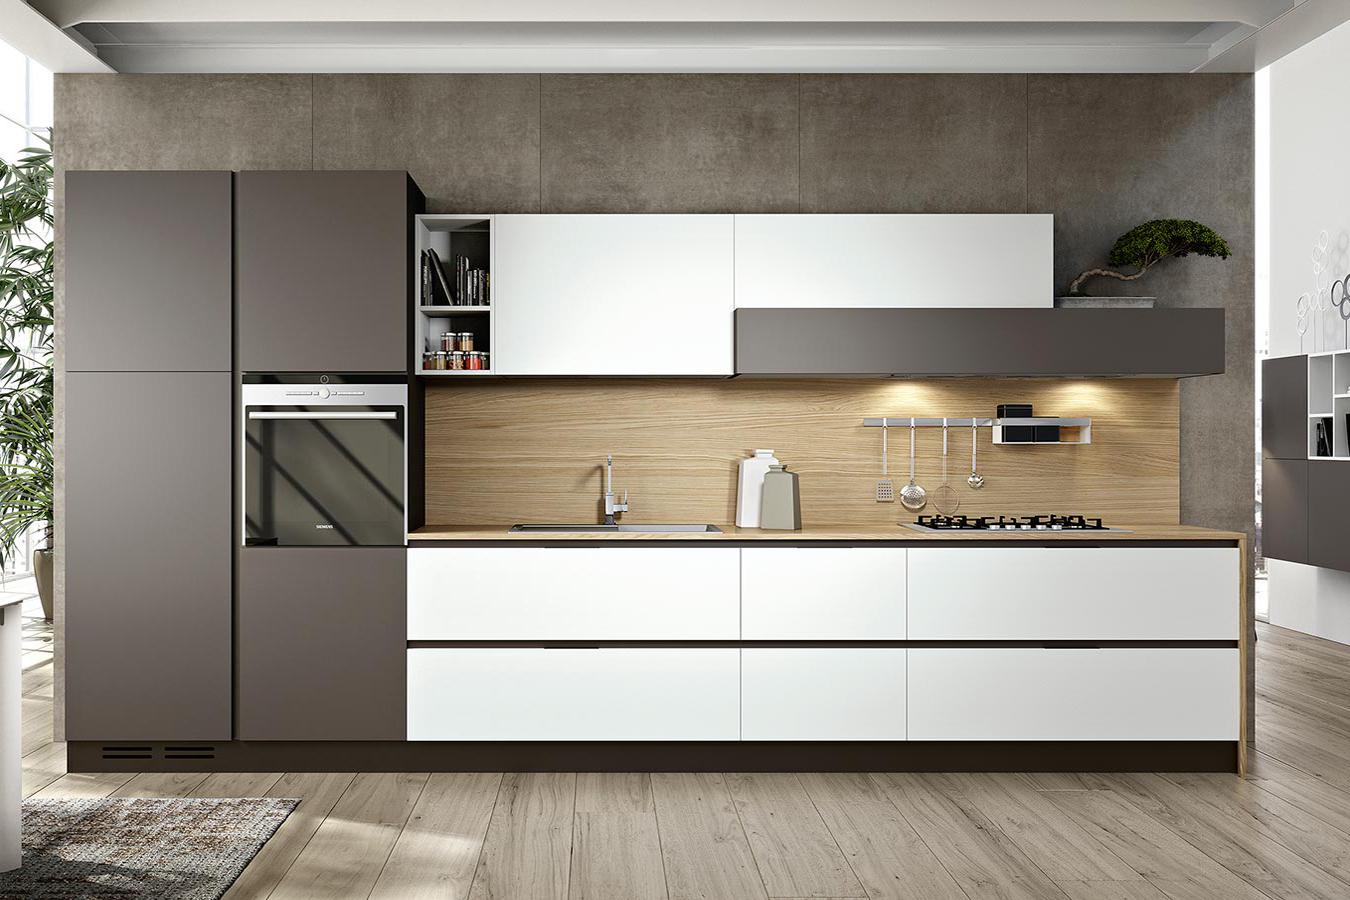 arredo3-cucina-plana-1-moderna-design-lineare-bianca-legno-grigio-elettrodomestici-mobili-righetti-novaraD9307B29-3990-1508-CEB8-8196BCB48239